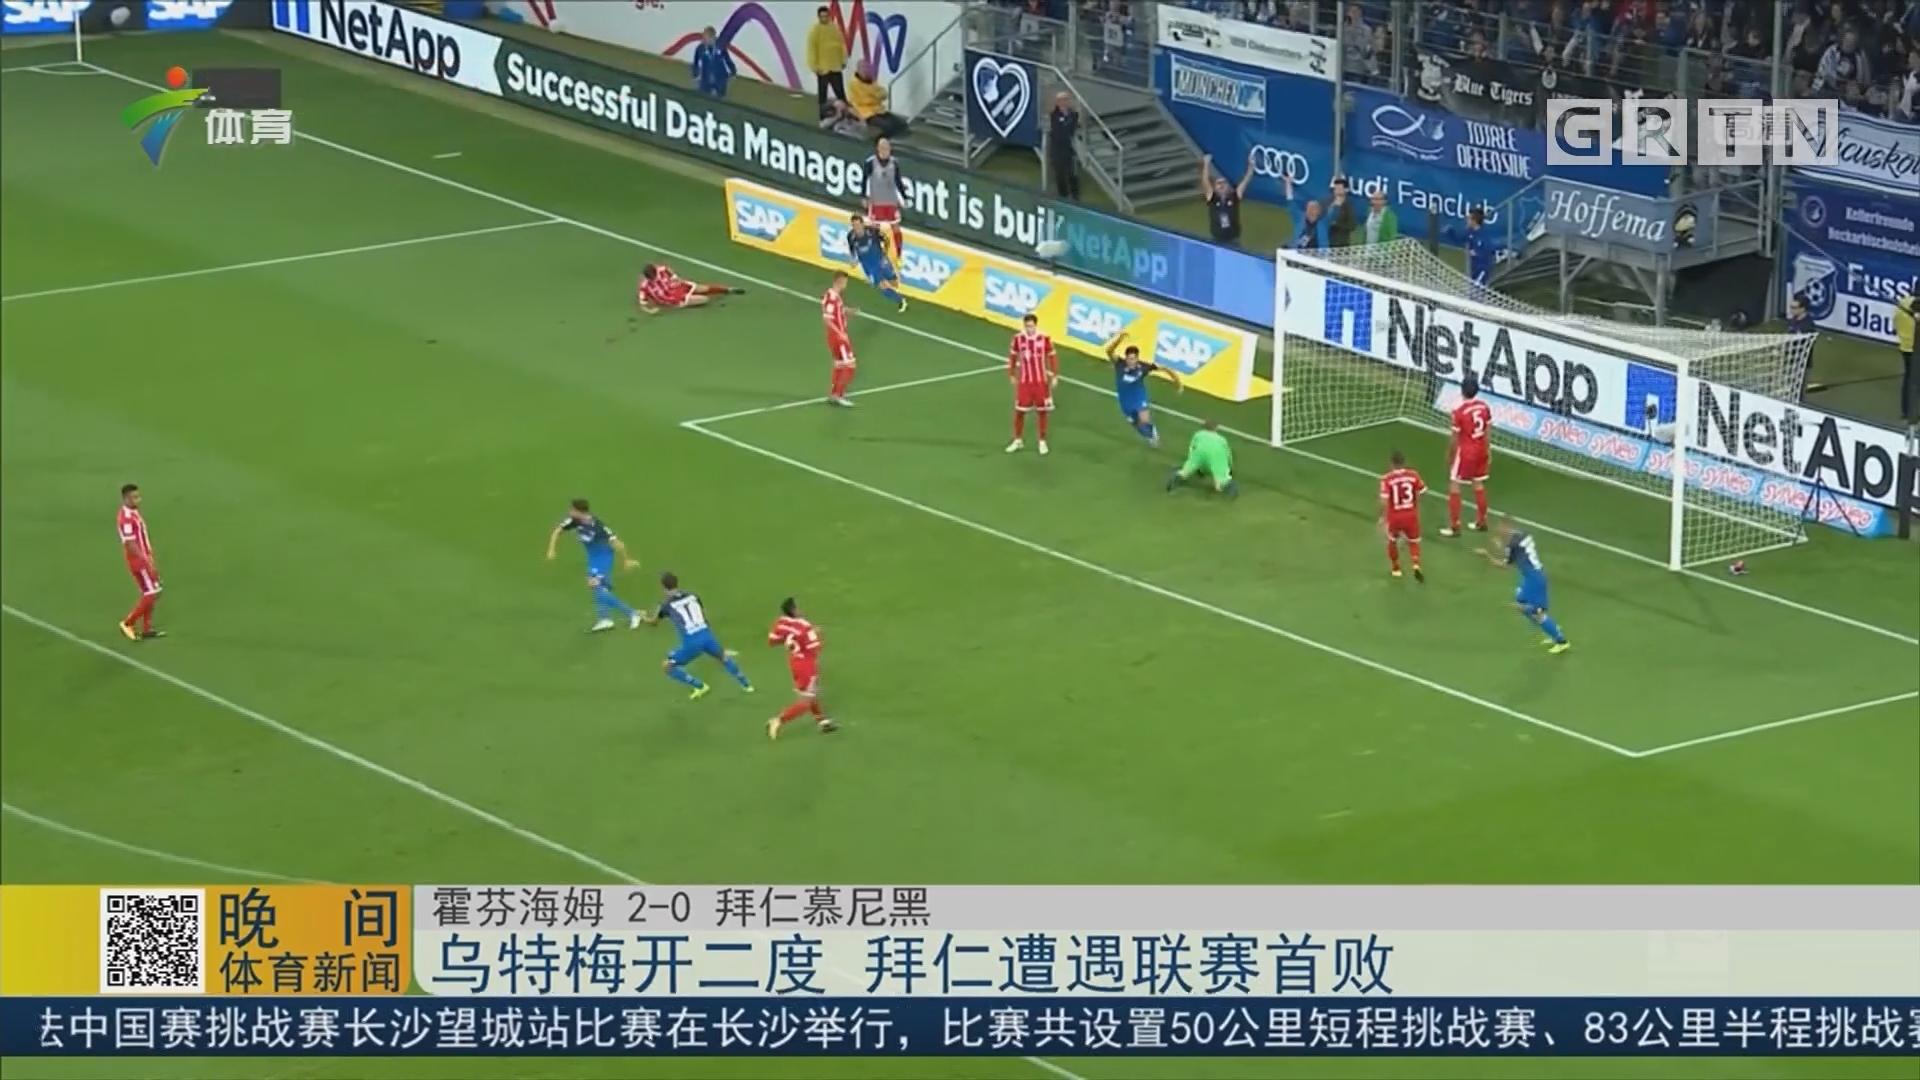 乌特梅开二度 拜仁遭遇联赛首败